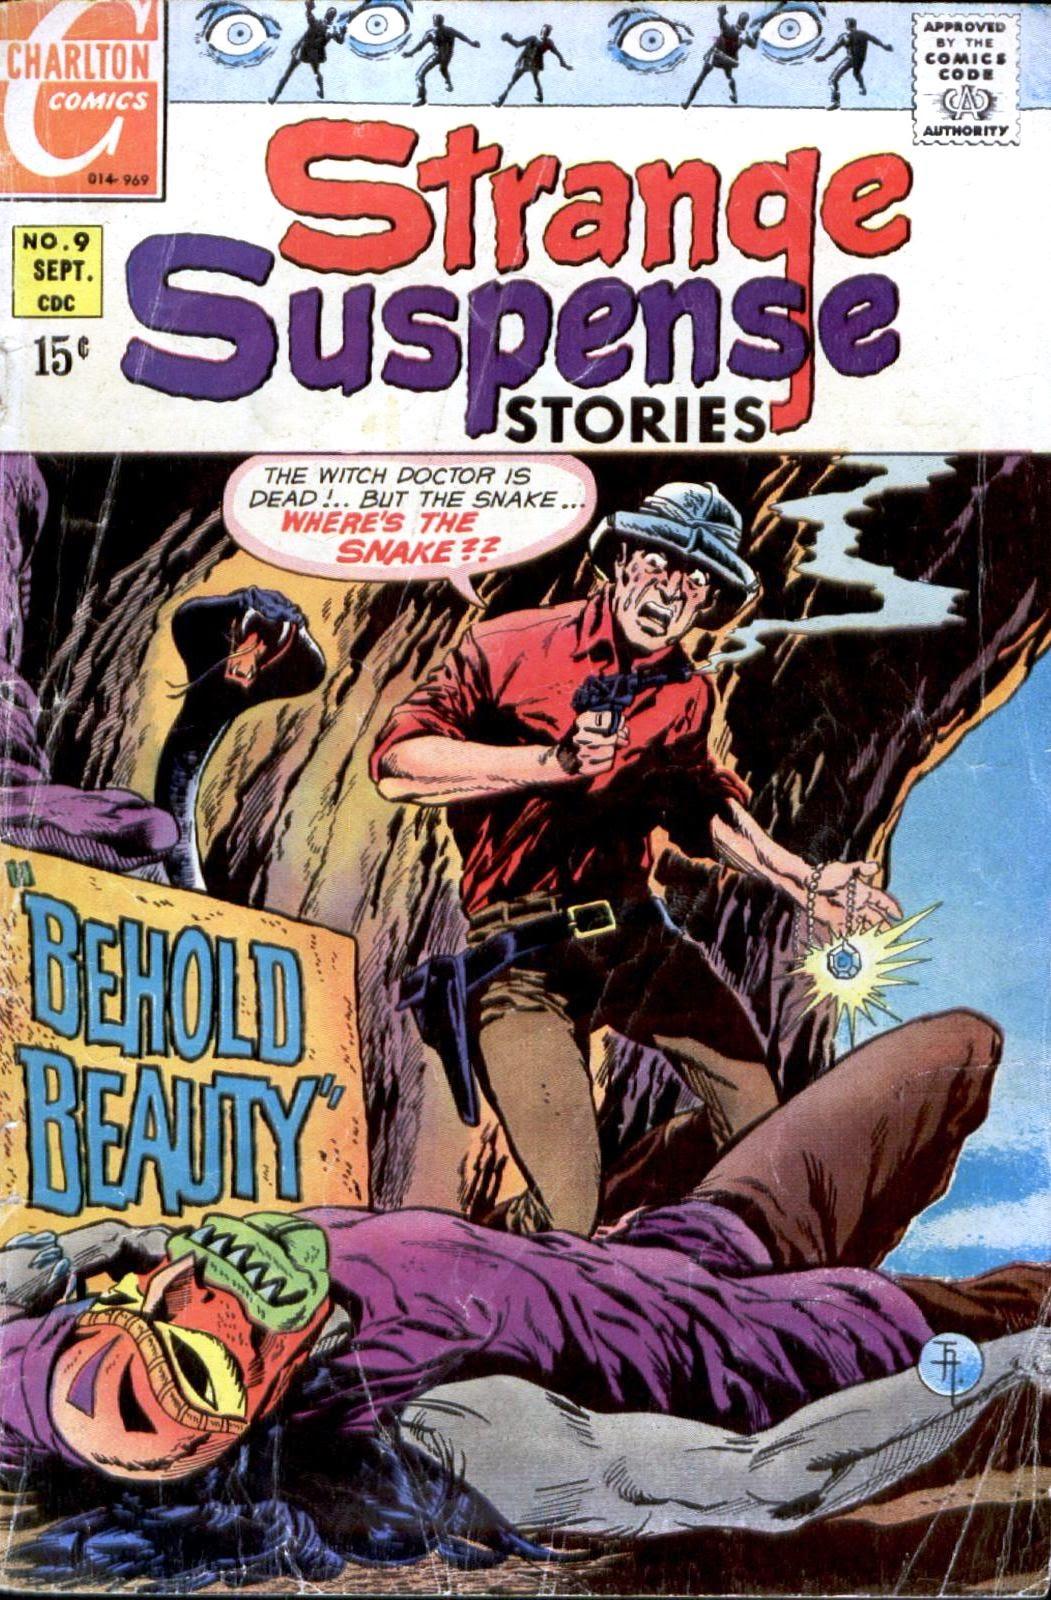 Strange Suspense Stories (1967) issue 9 - Page 1